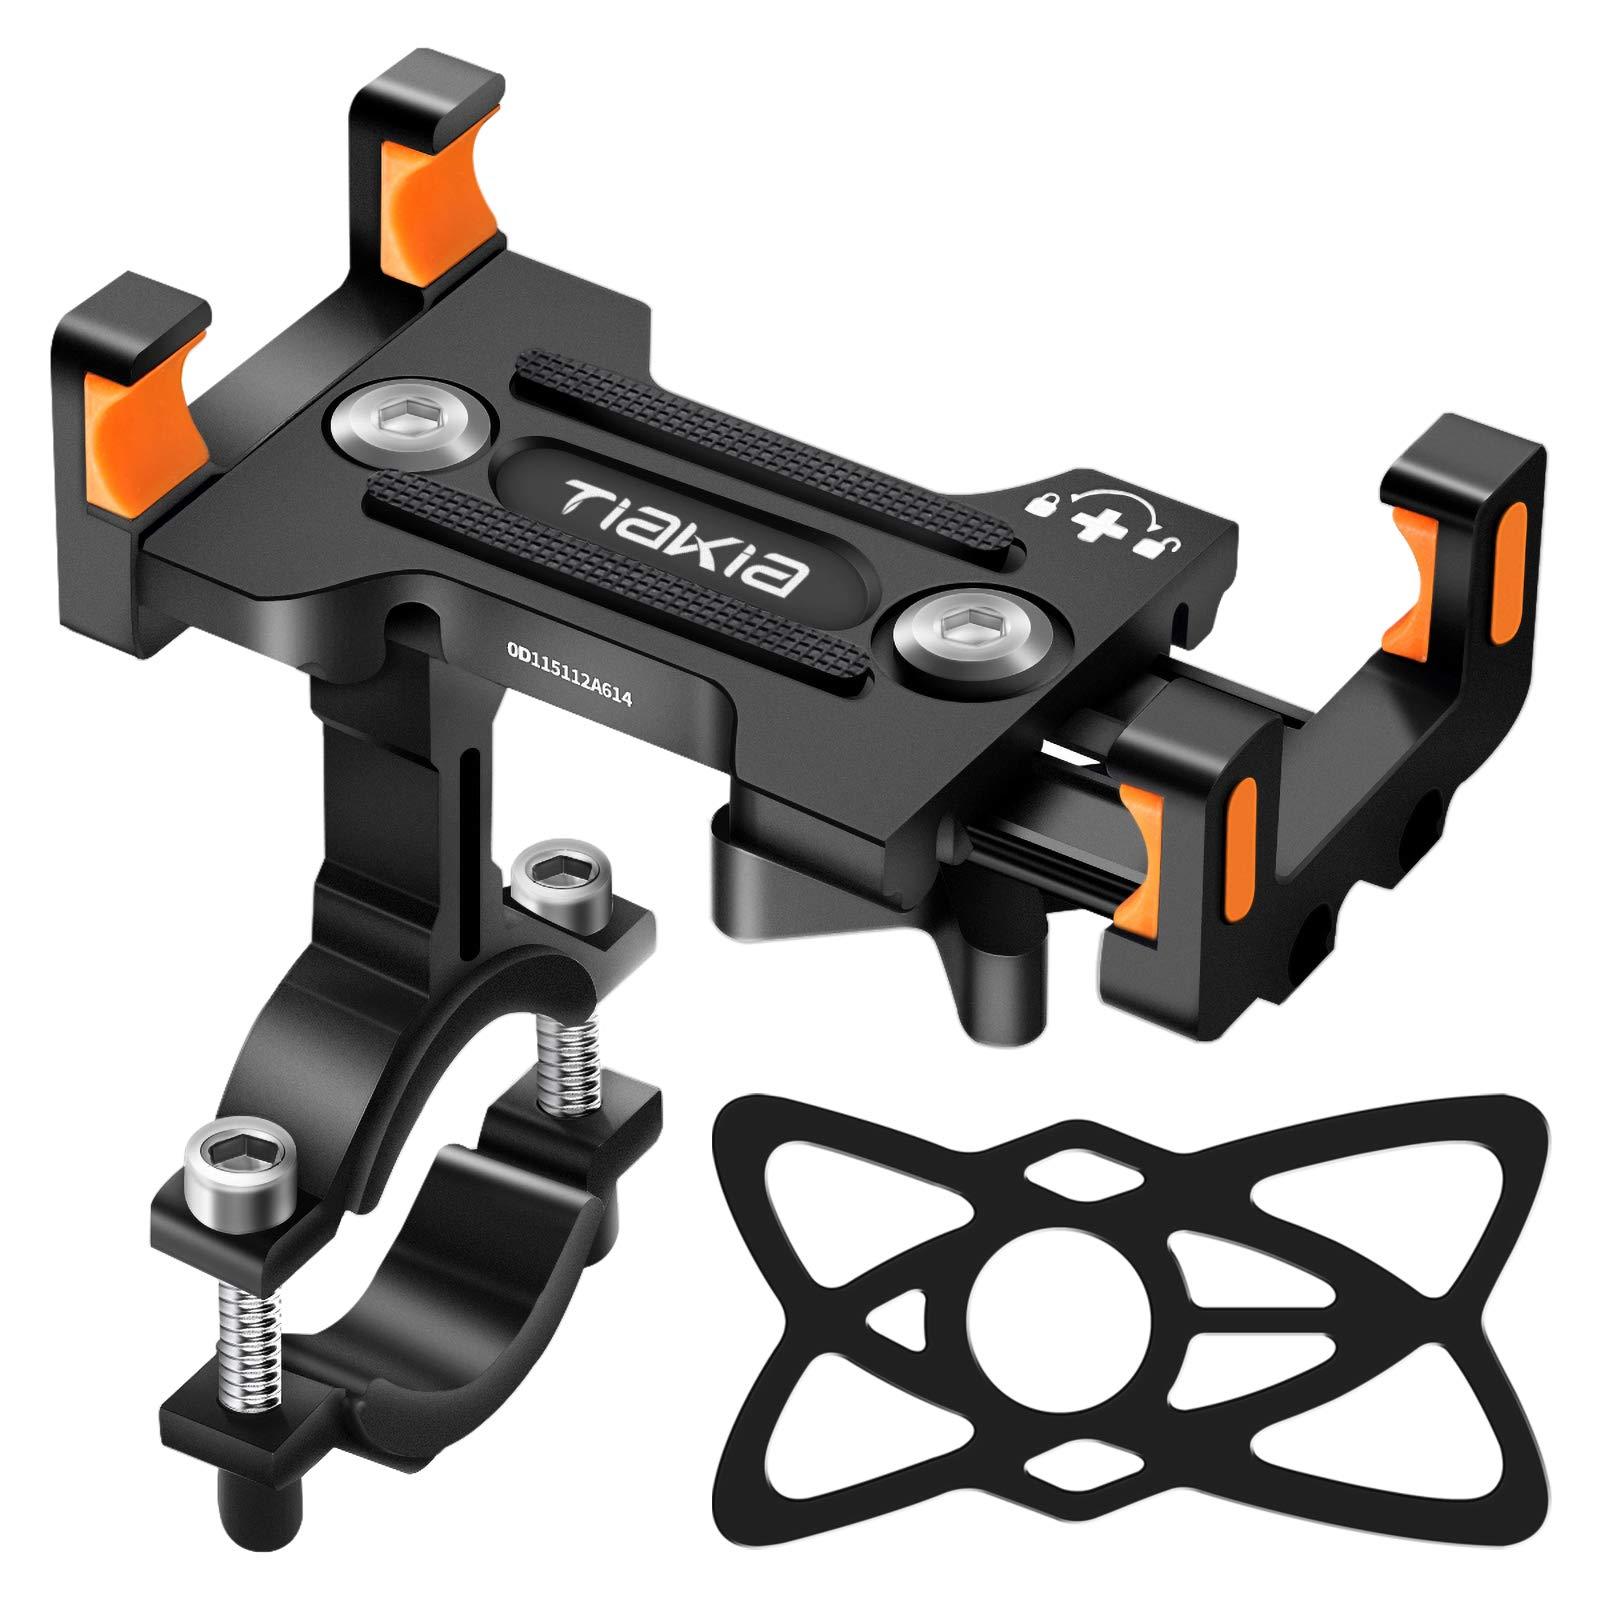 Soporte Movil Bicicleta, Tiakia Soporte Movil Moto con Rotación 360°, Soporte para Teléfono de Bicicleta de Aleación de Aluminio, Soporte Movil Bici Universal para